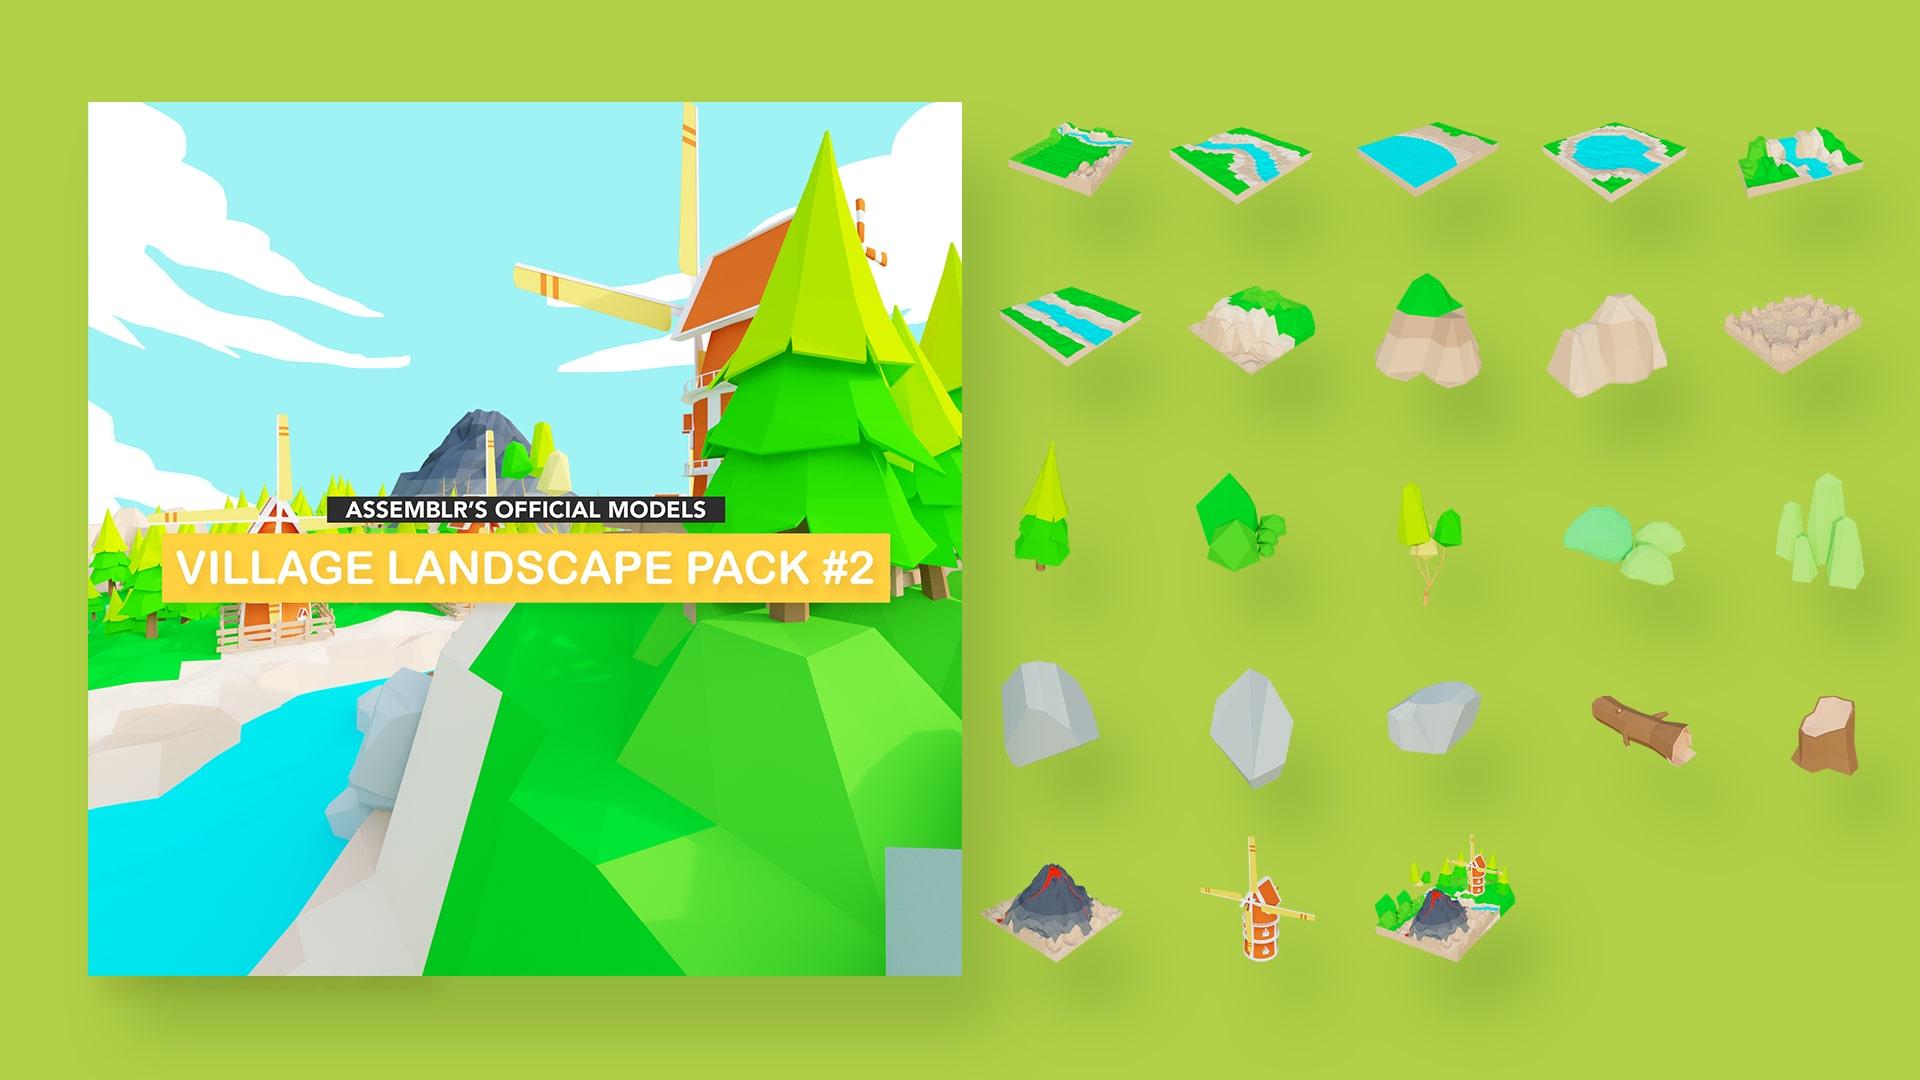 Village landscape pack #2